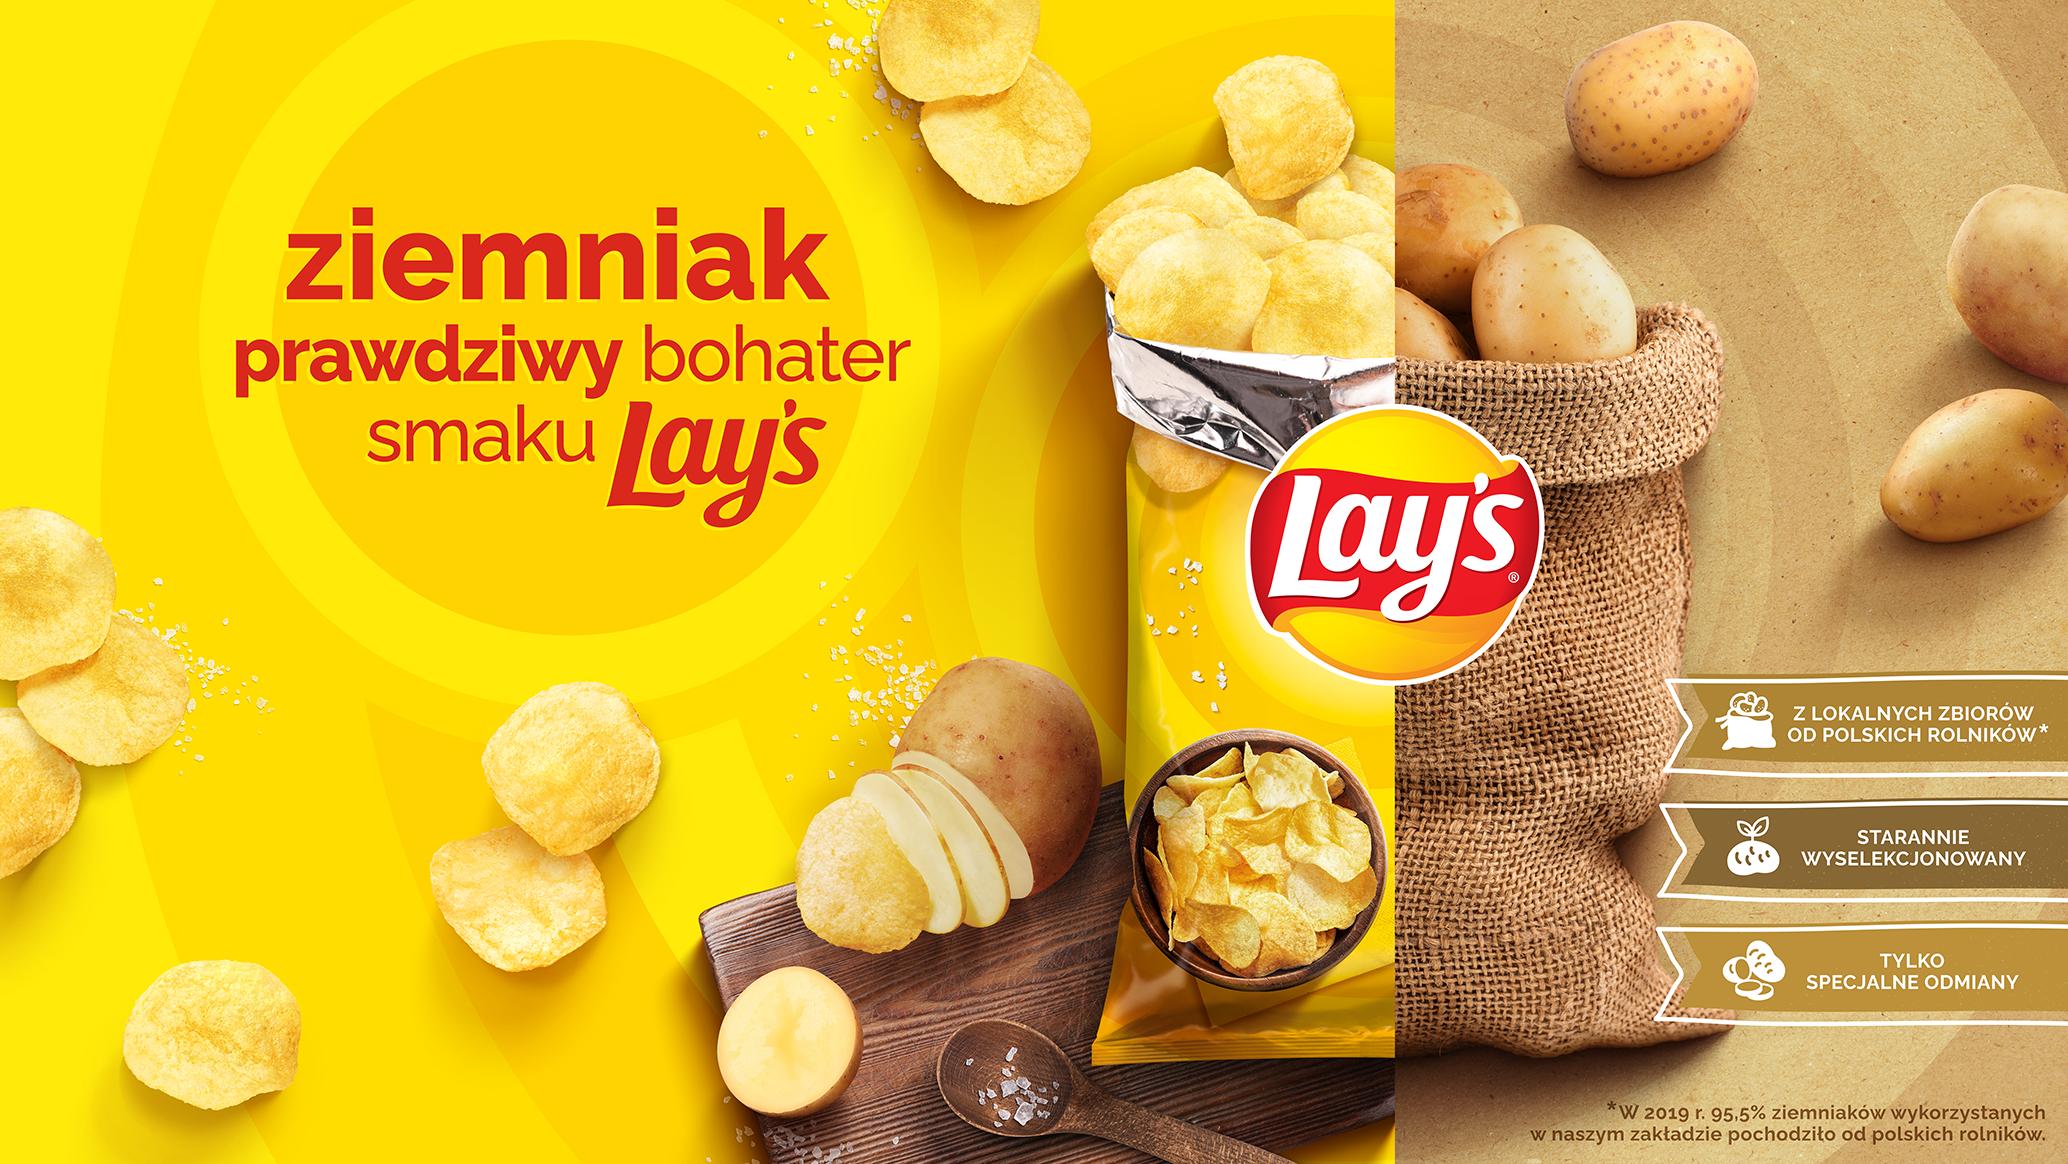 Ziemniak – prawdziwy bohater smaku Lay's